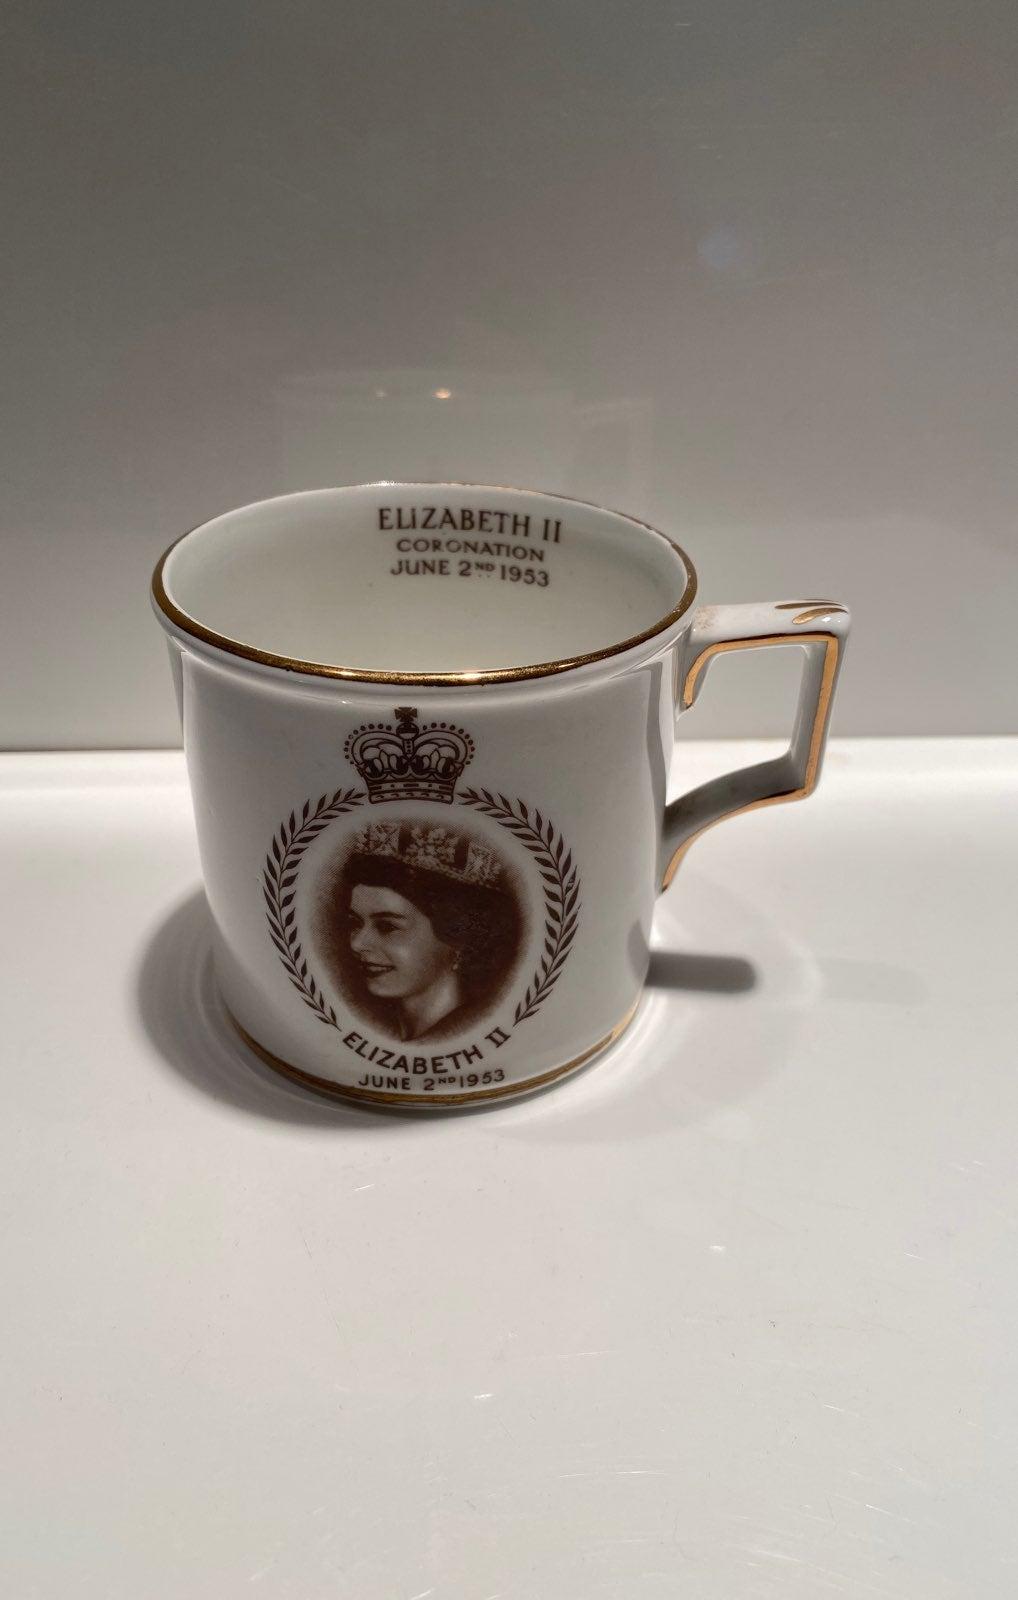 Vintage Elizabeth II coronation mug